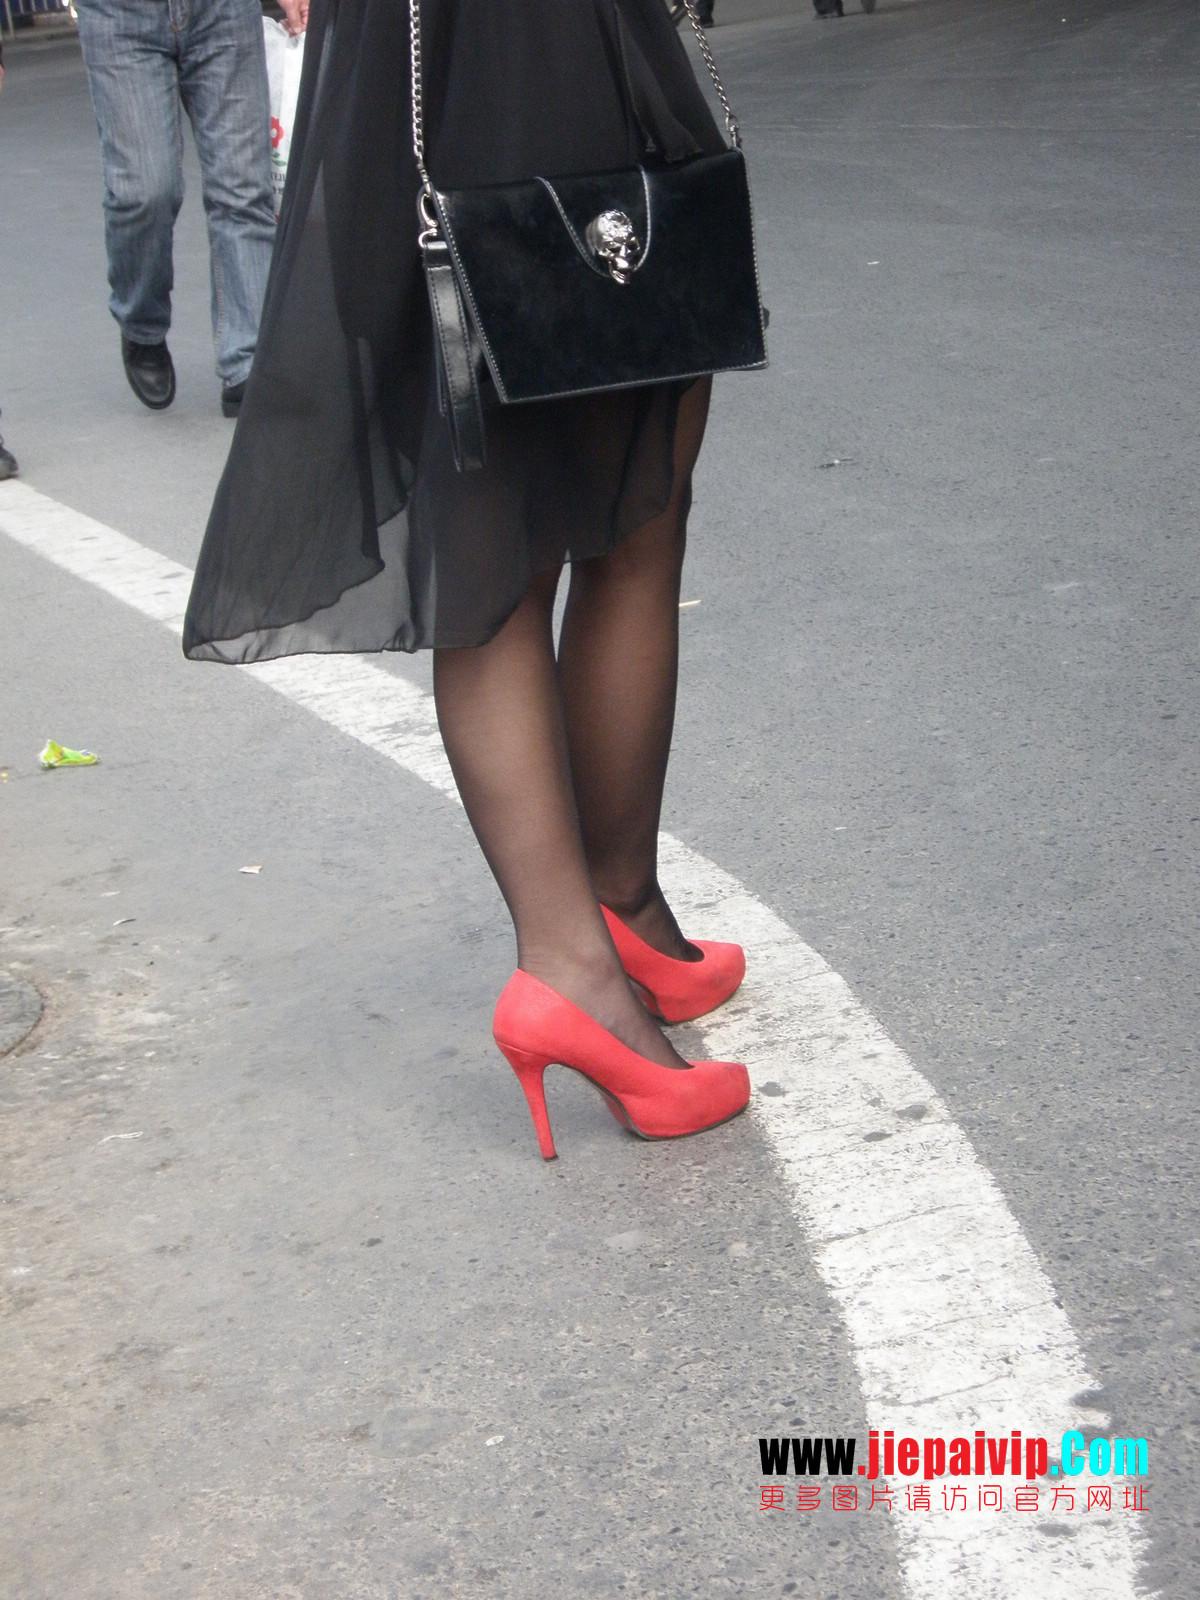 性感的红色高跟鞋黑丝袜美腿女人18